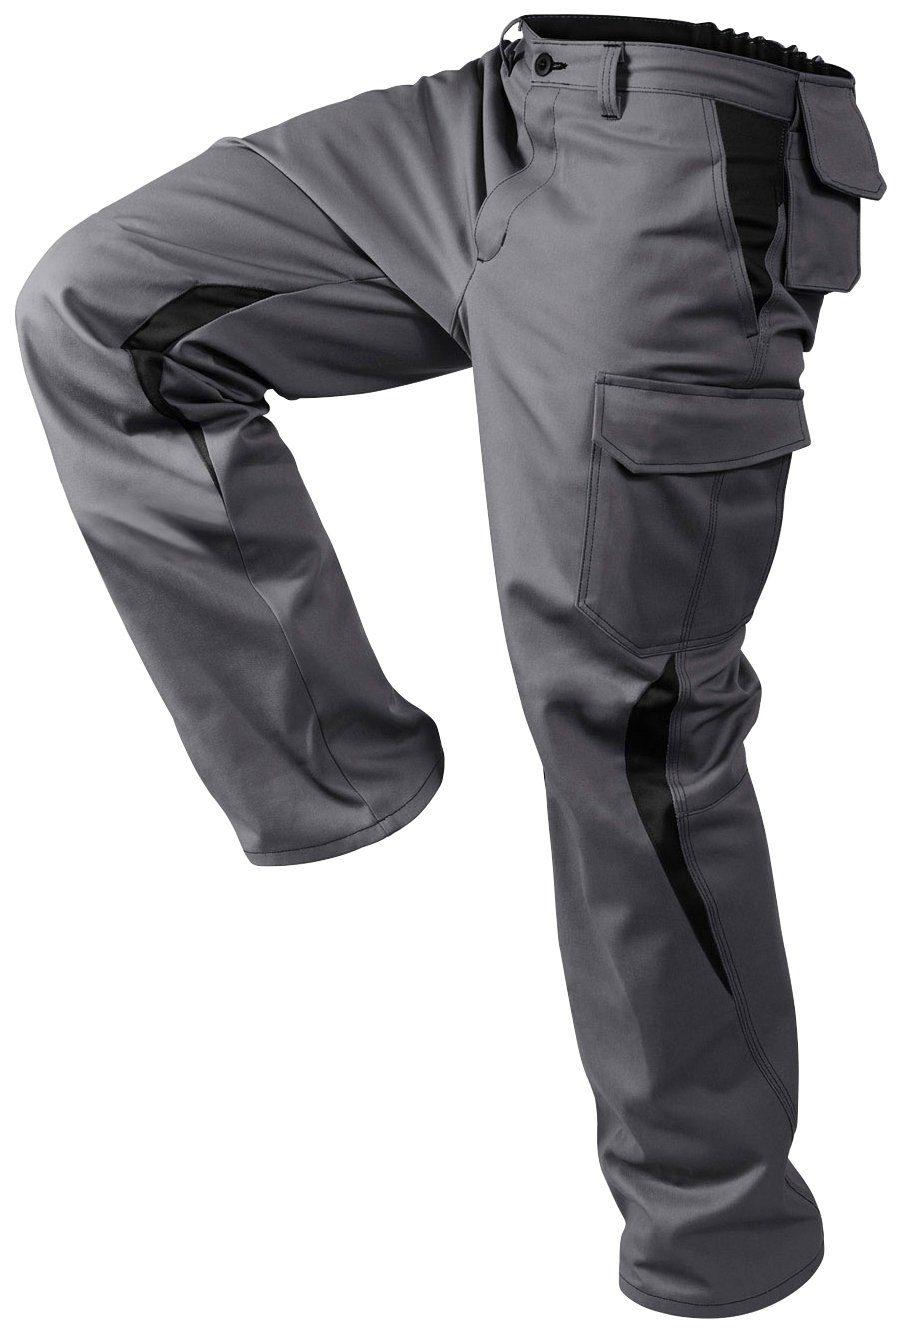 58 in grau NEU Arbeitshose Dassy Professionell Bundweite 54 cm Modell Miami Gr